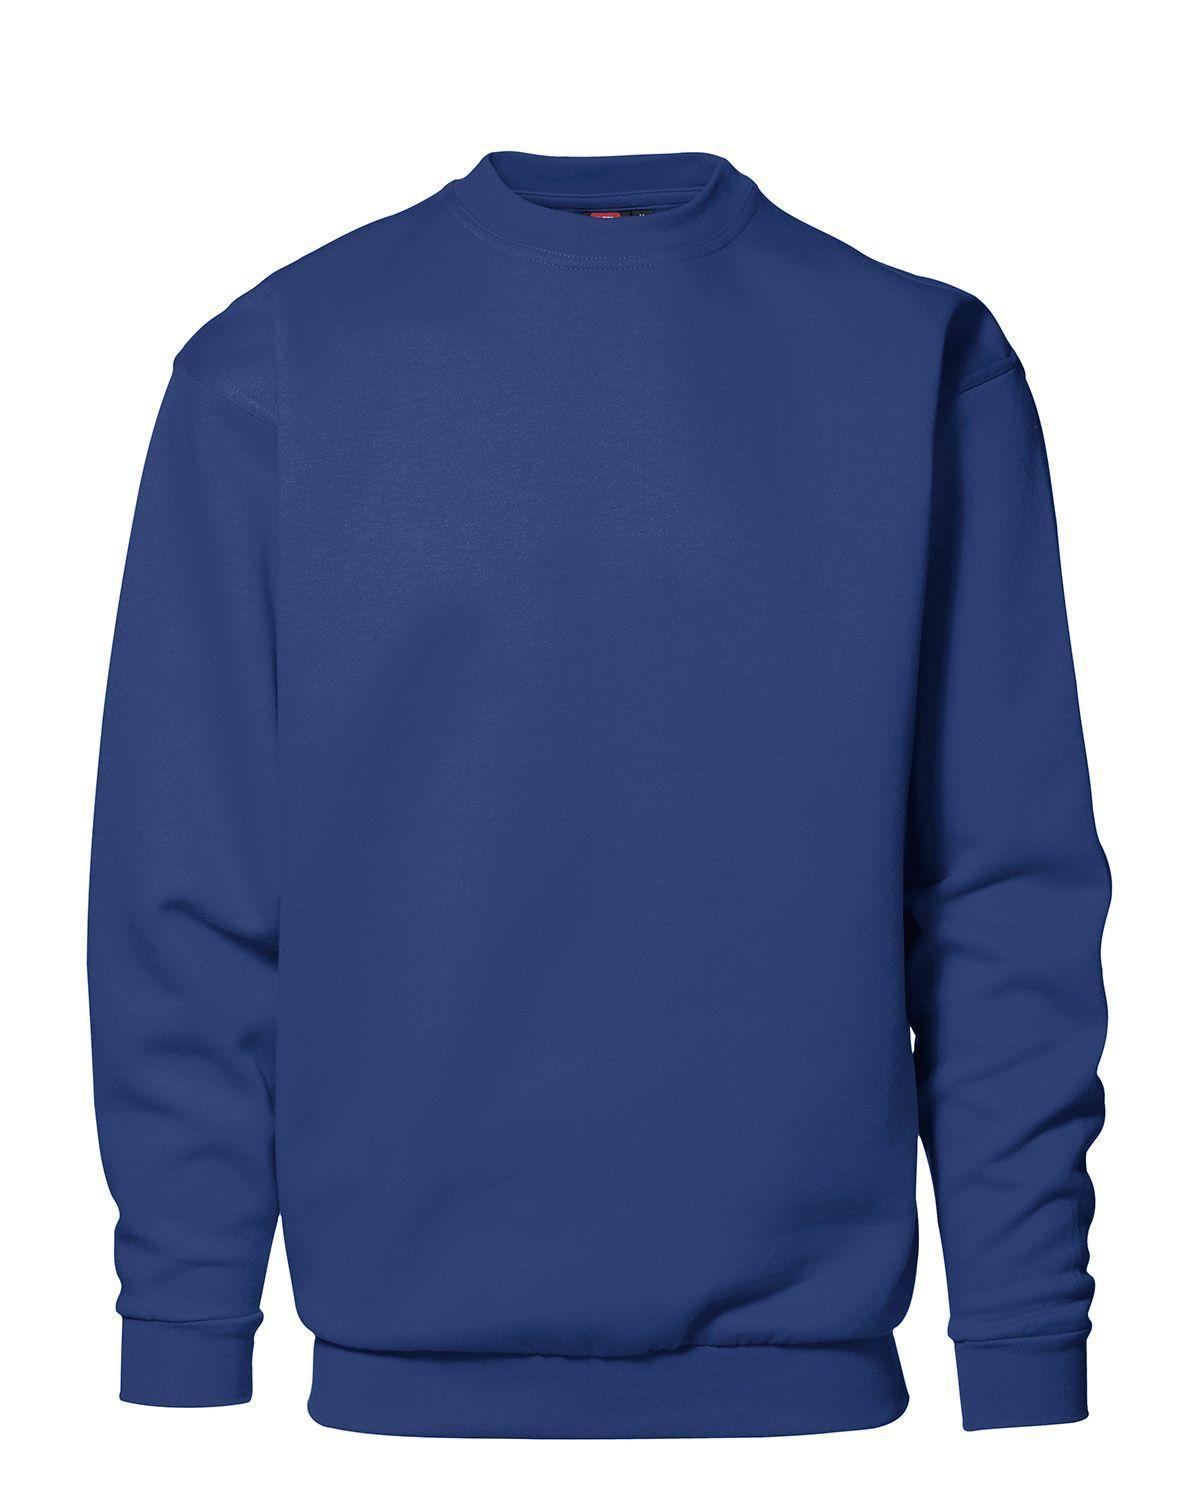 ID PRO Wear Sweatshirt (Kungsblå, XS)